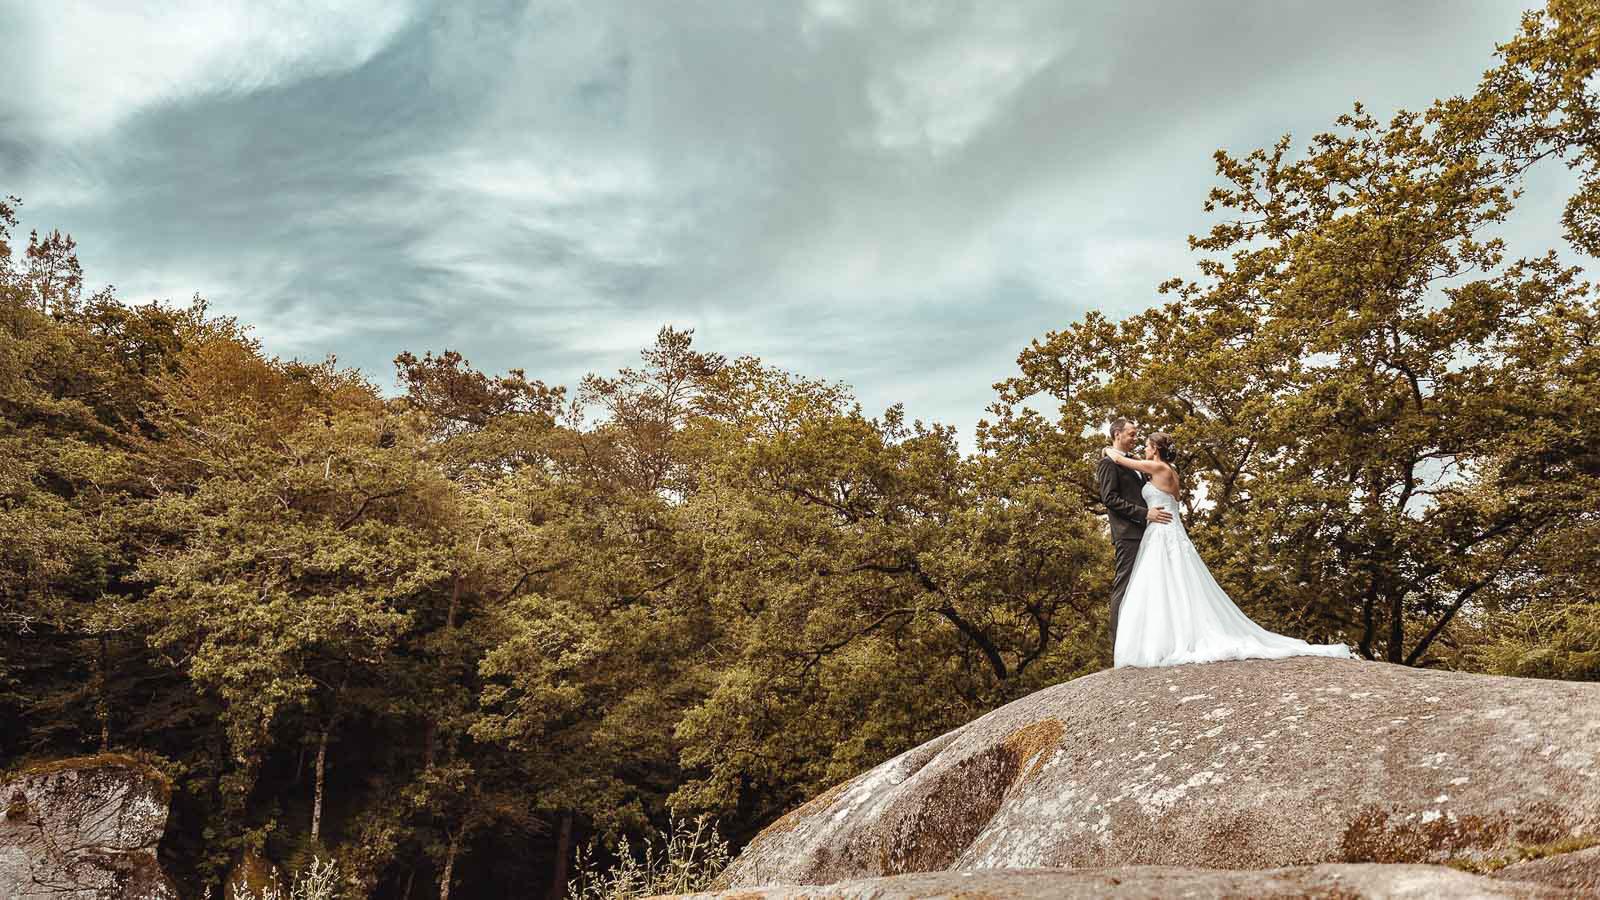 Philippe Le Pochat photographe de mariage à Quimperlé Finistère